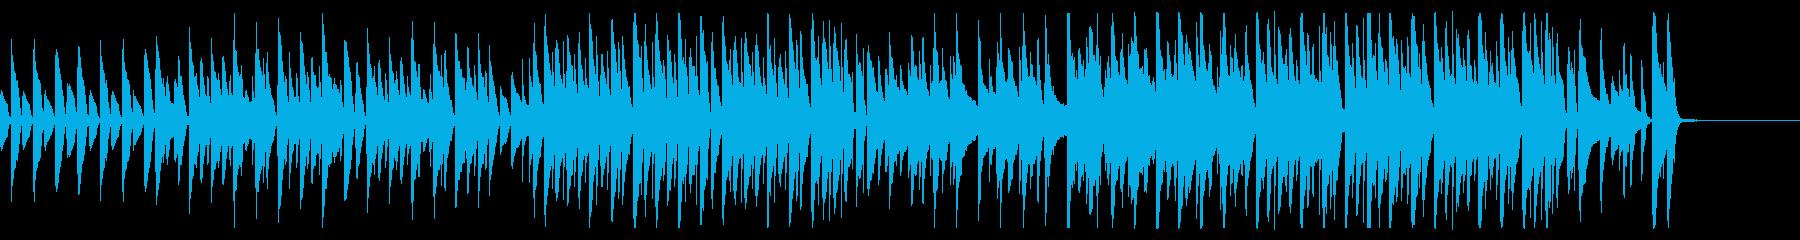 ジャズ/アニメ劇伴、ほのぼのゆるい日常の再生済みの波形